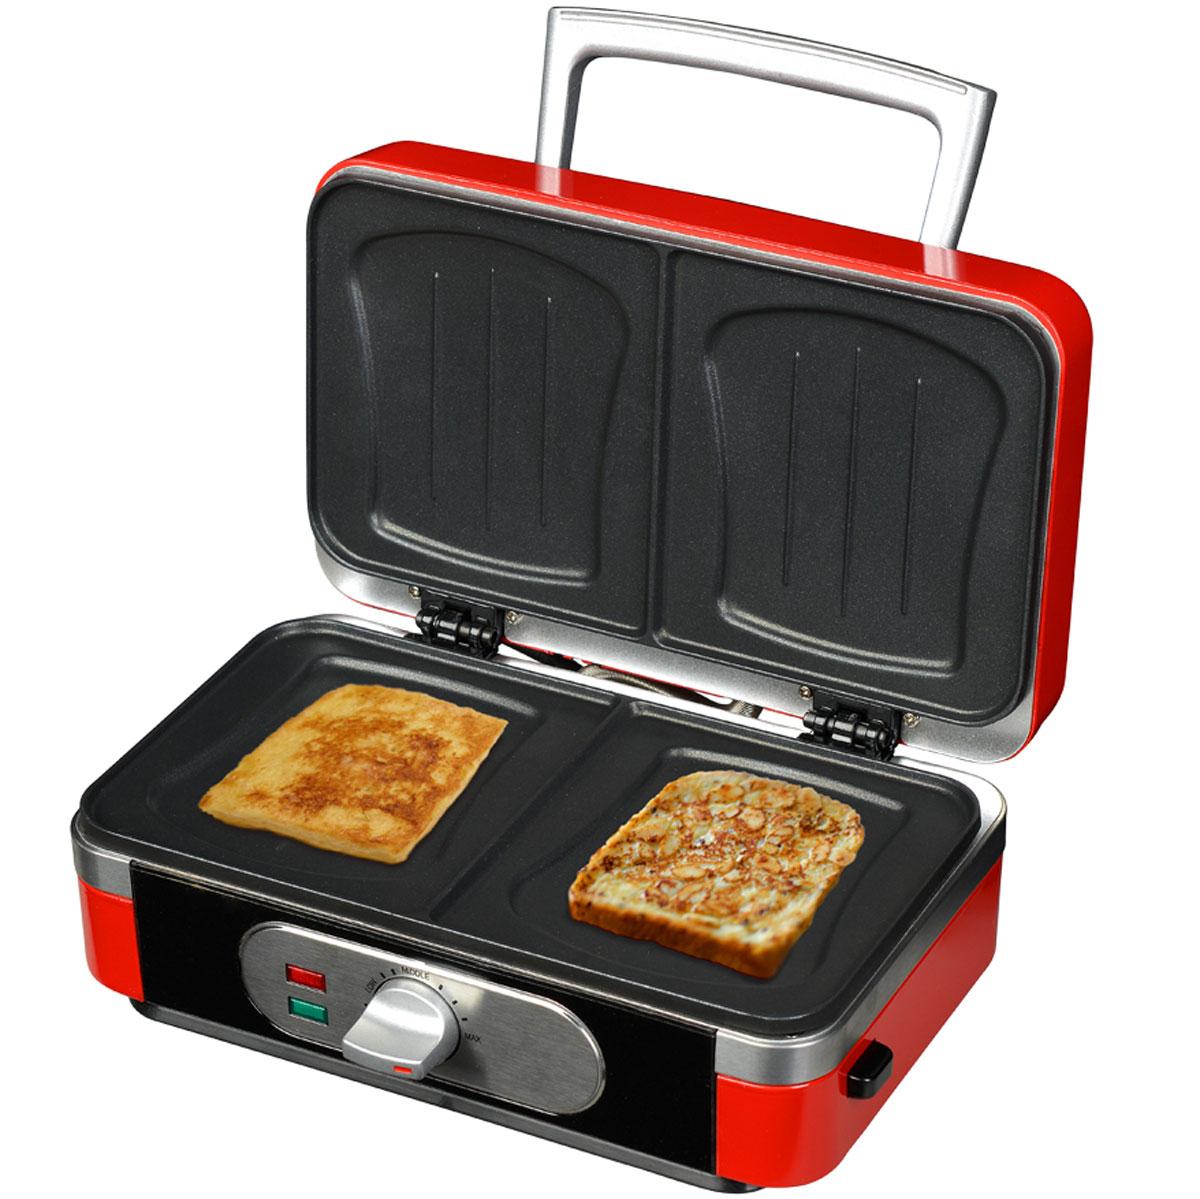 GFgril GF-040 Waffle-Grill-Toast, Red вафельница 3 в 1GF-040 Waffle-Grill-ToastGfgril GF-040 Waffle-Grill-Toast - универсальная многофункциональная вафельница 3 в 1, которая совмещает функции сразу трех приборов: вафельница (2 бельгийские вафли большого размера), тостер- сэндвичмейкер - для 2 тостов или 2 горячих бутербродов, и гриль - для жарки 2-х больших кусков мяса. В комплект входят 3 вида сменных панелей, которые легко моются и легко устанавливаются. Вам доступны 11 температурных режимов для наилучшего контроля степени запекания. Также имеется индикатор включения и нагрева. Рабочая поверхность имеет антипригарное покрытие, которое легко чистится и предотвращает пригорание. Прочный термостойкий корпус, защита от перегрева гарантируют безопасность в процессе приготовления.